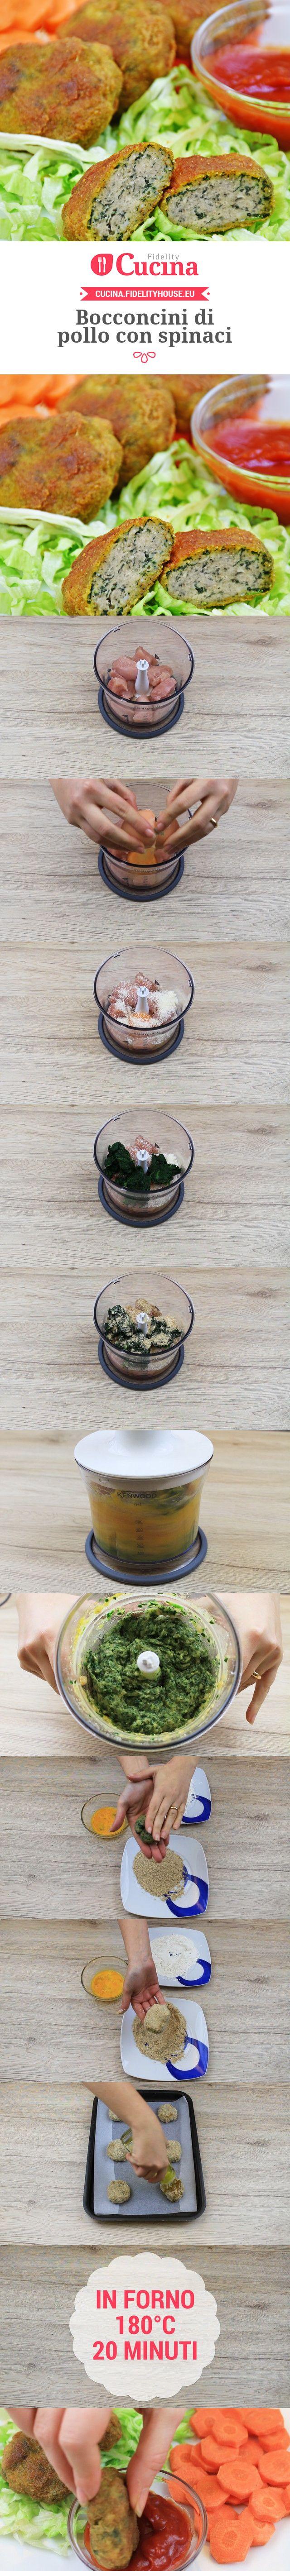 Bocconcini di pollo con spinaci